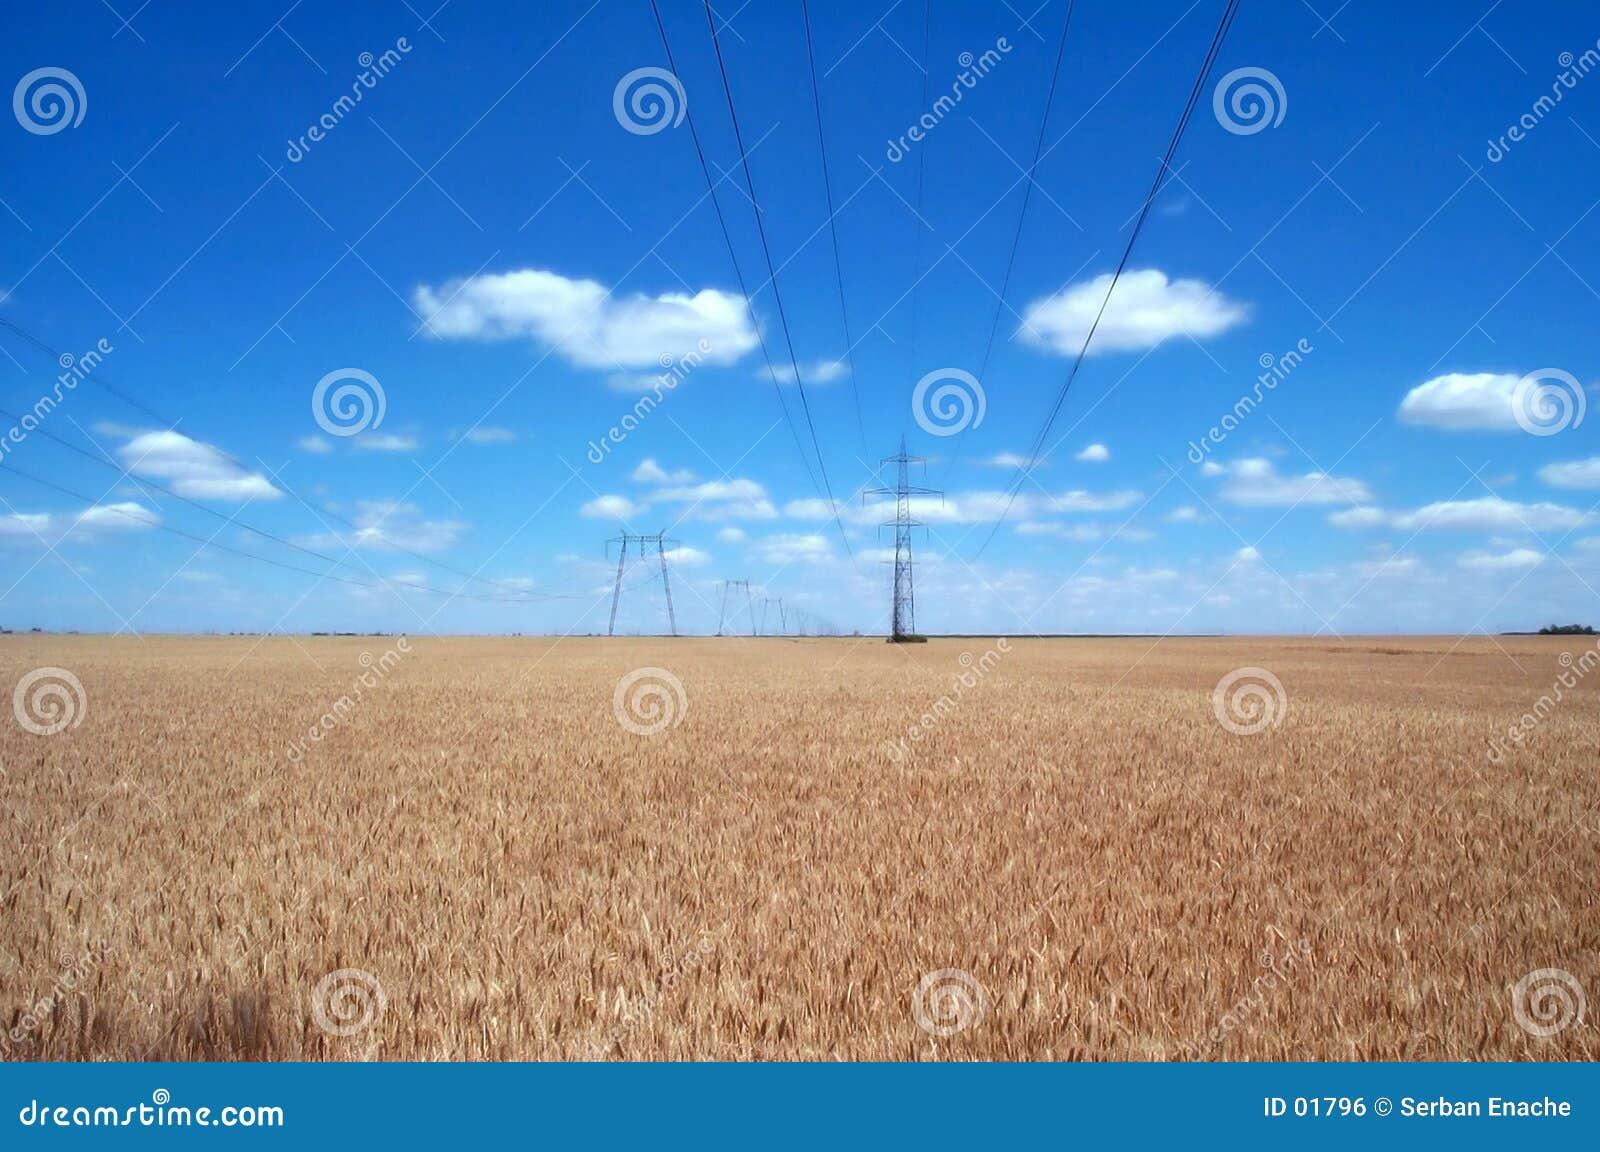 Weizenfelder und Stromleitungen